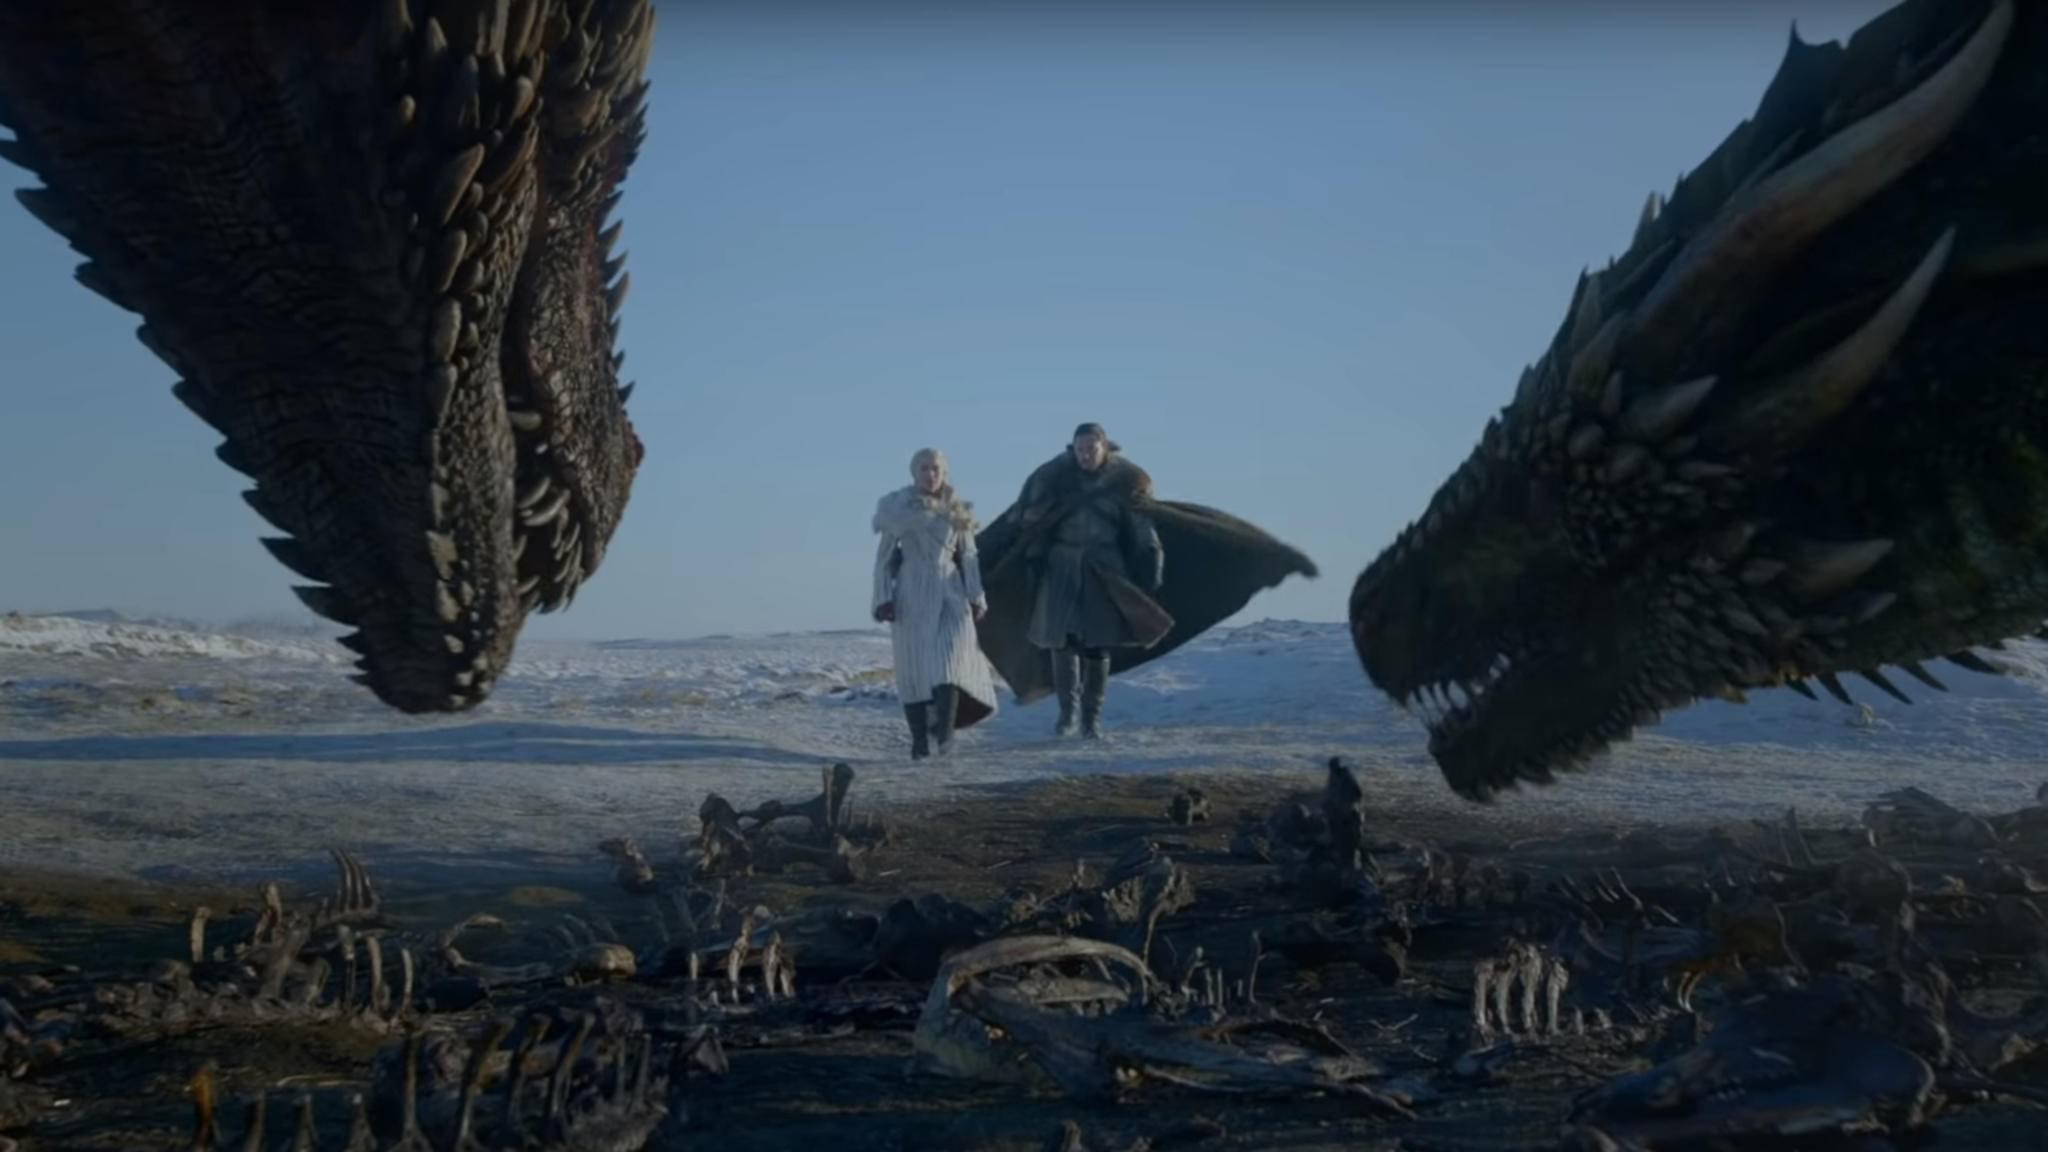 Ein neues Poster zu Staffel 8 macht den Eisernen Thron lebendig.